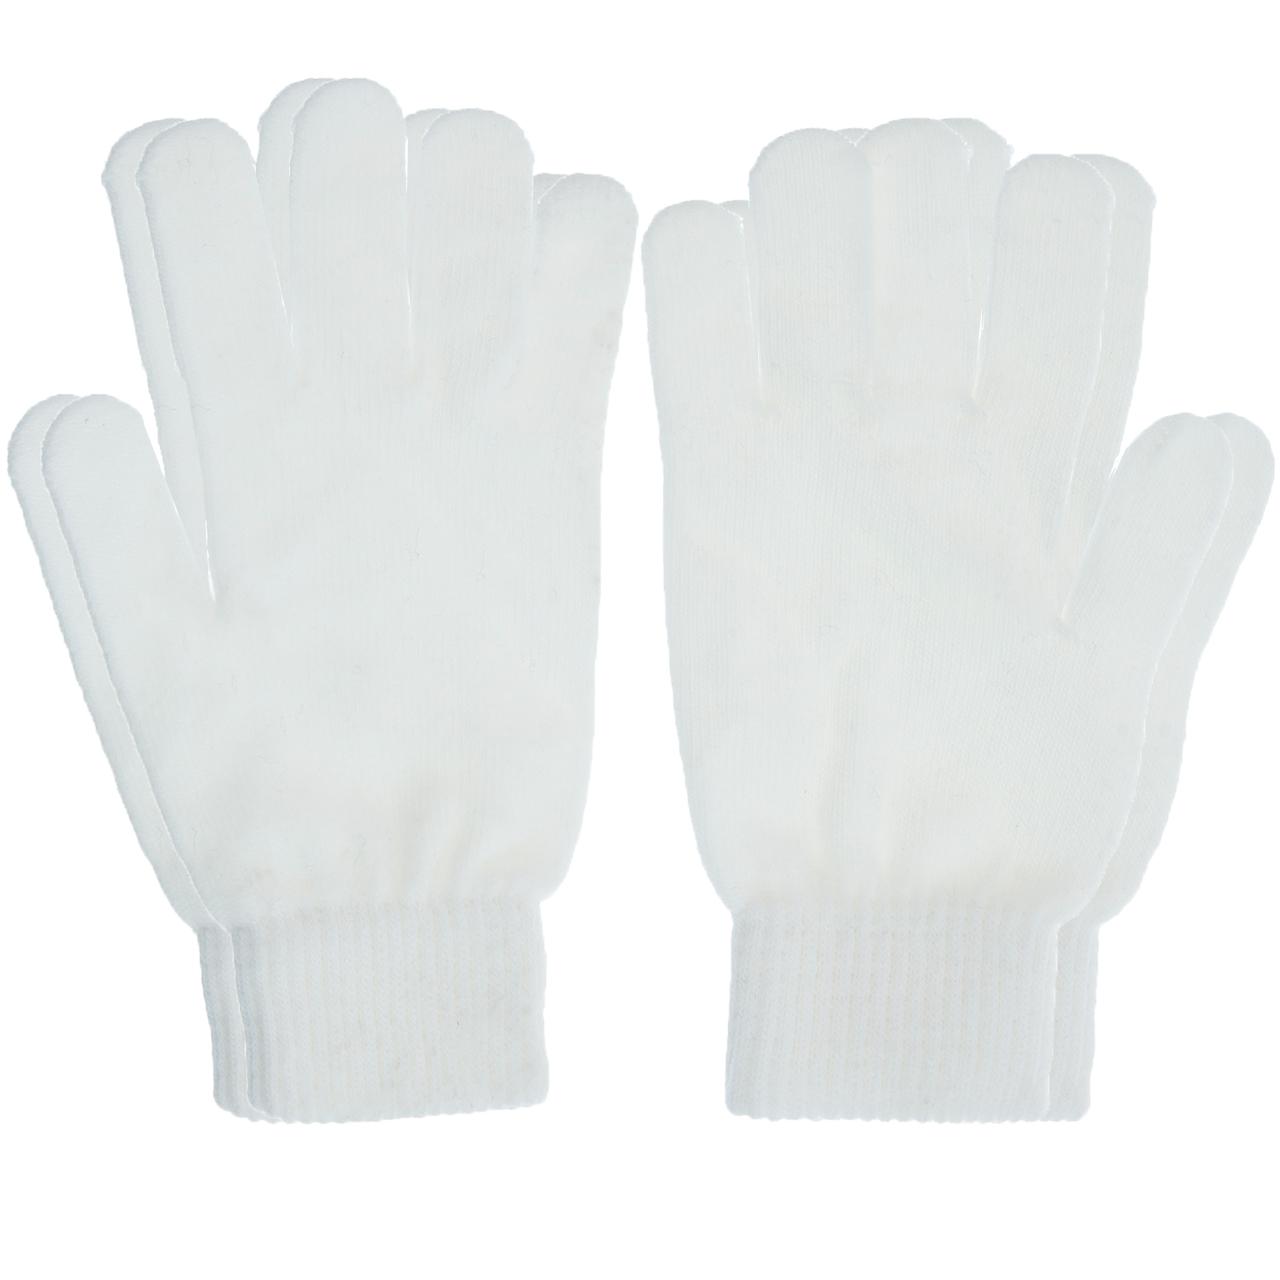 دستکش کد239 سفید بسته 2 عددی